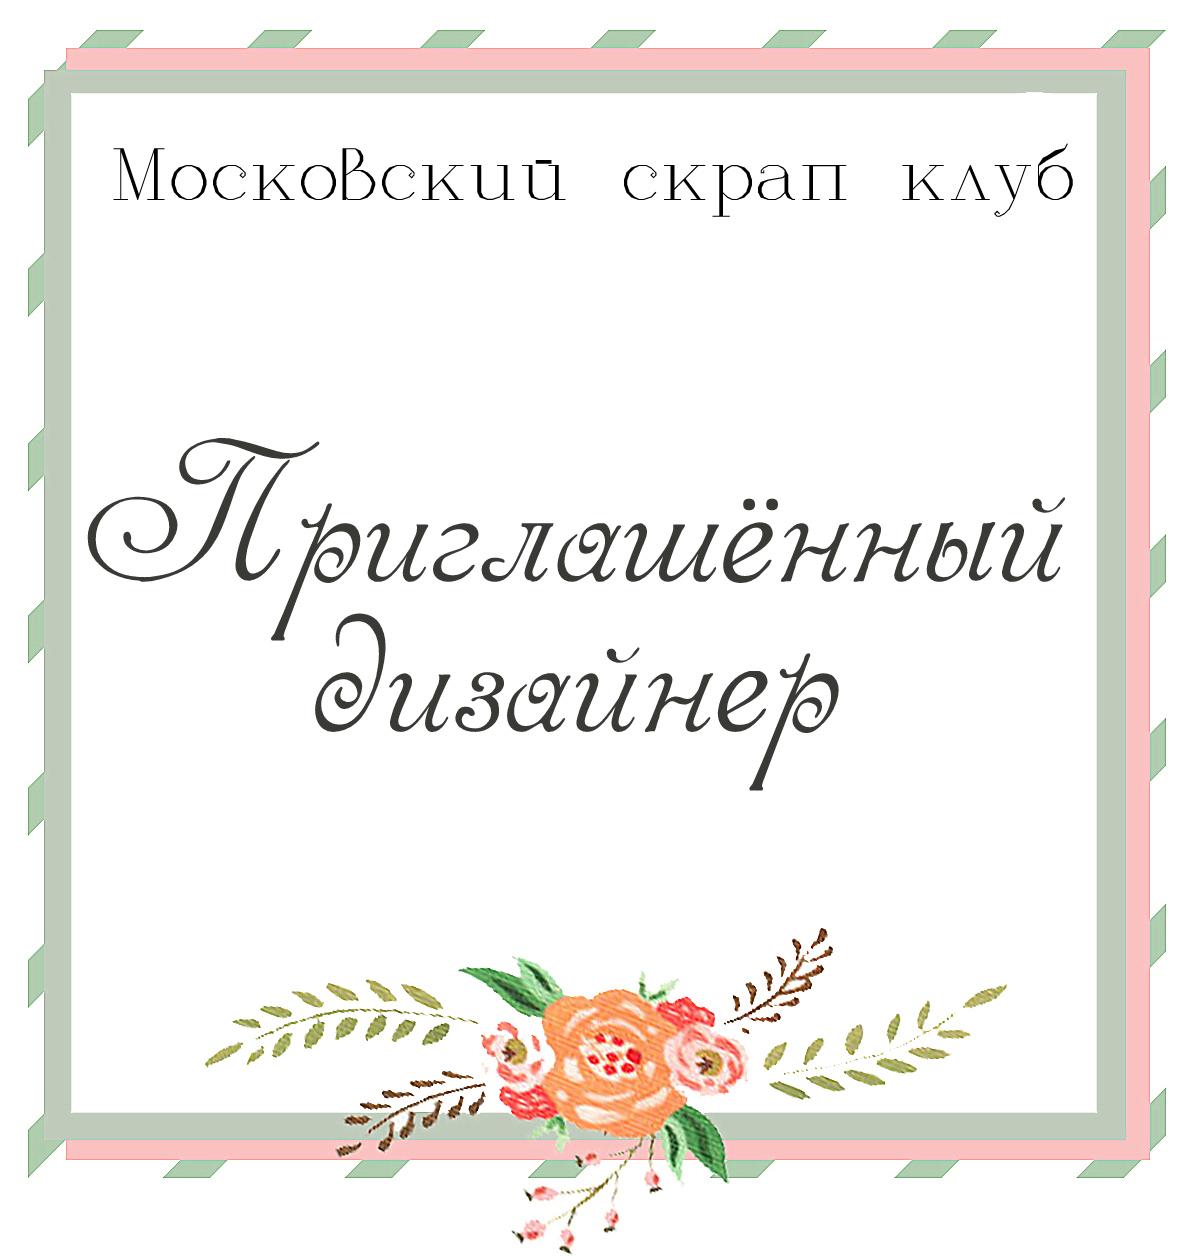 Я приглашенный дизайнер в МСК